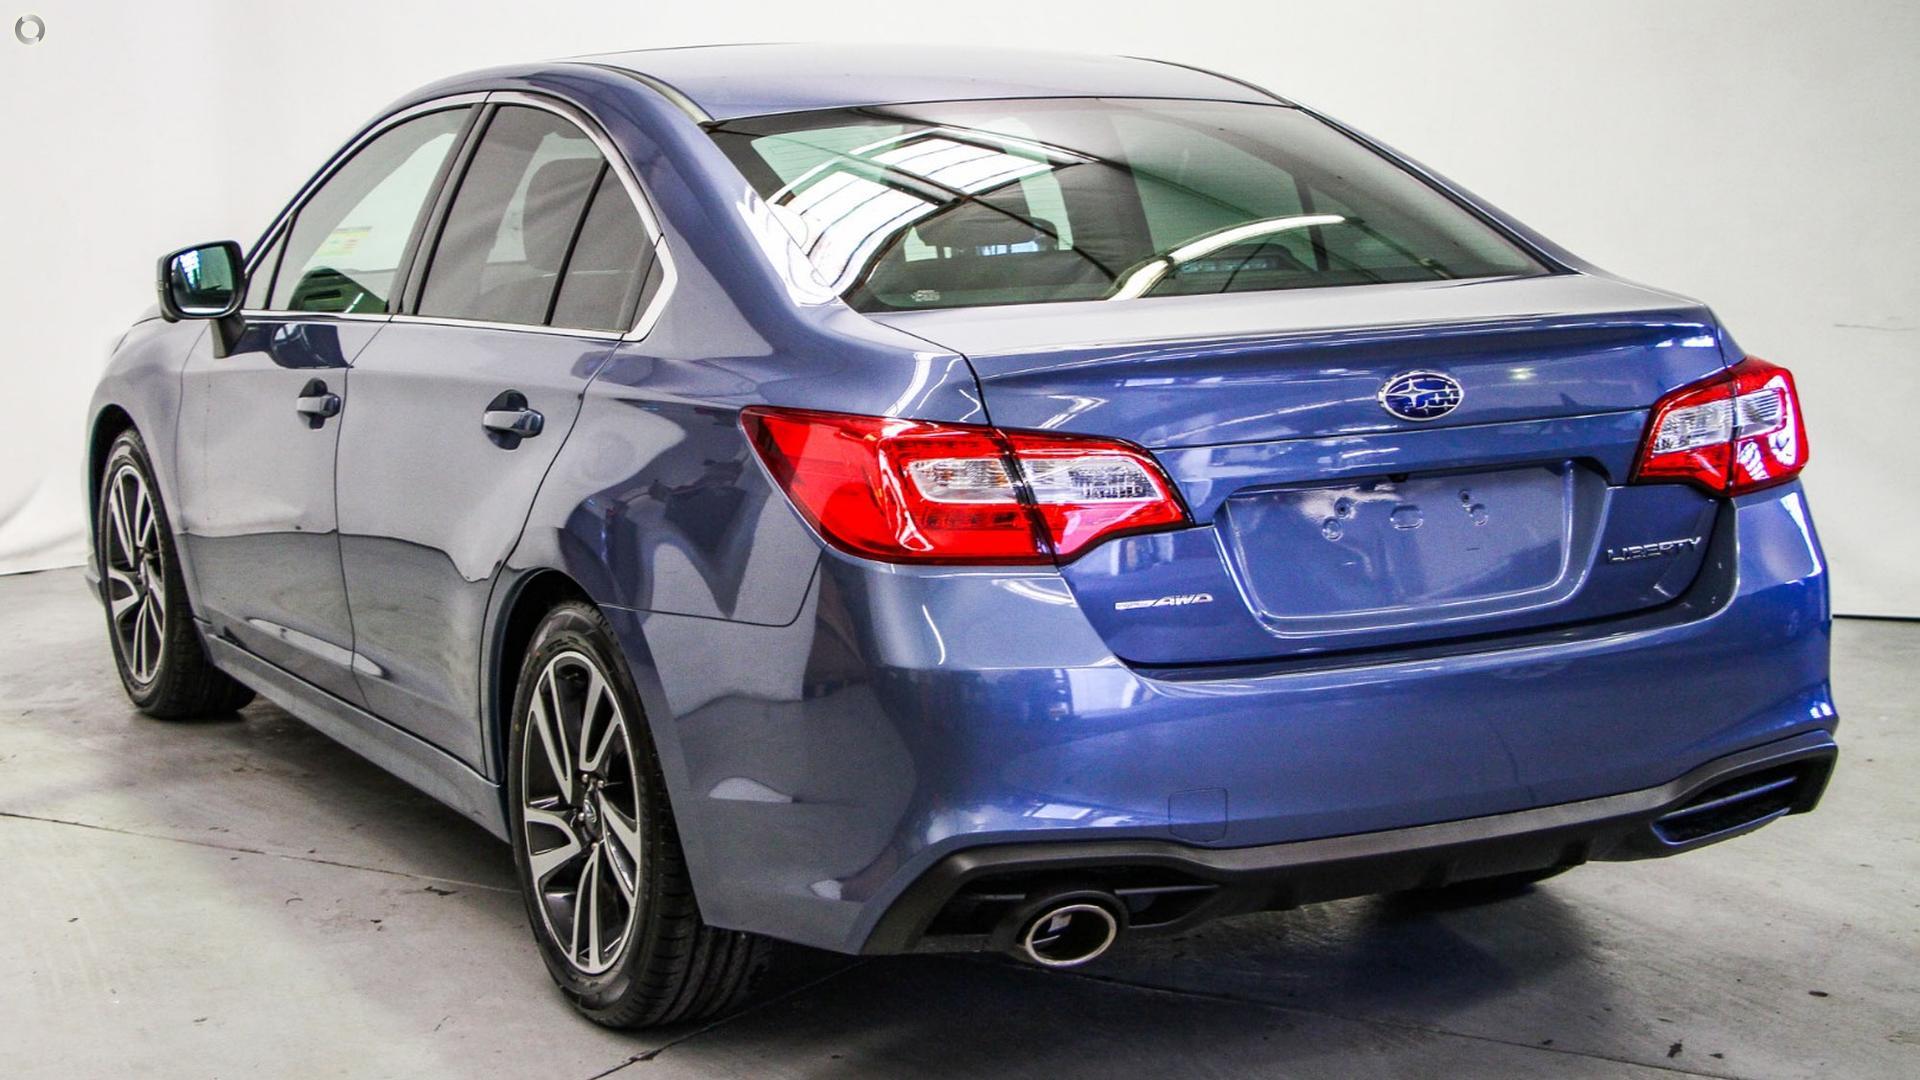 2018 Subaru Liberty 2.5i 6GEN